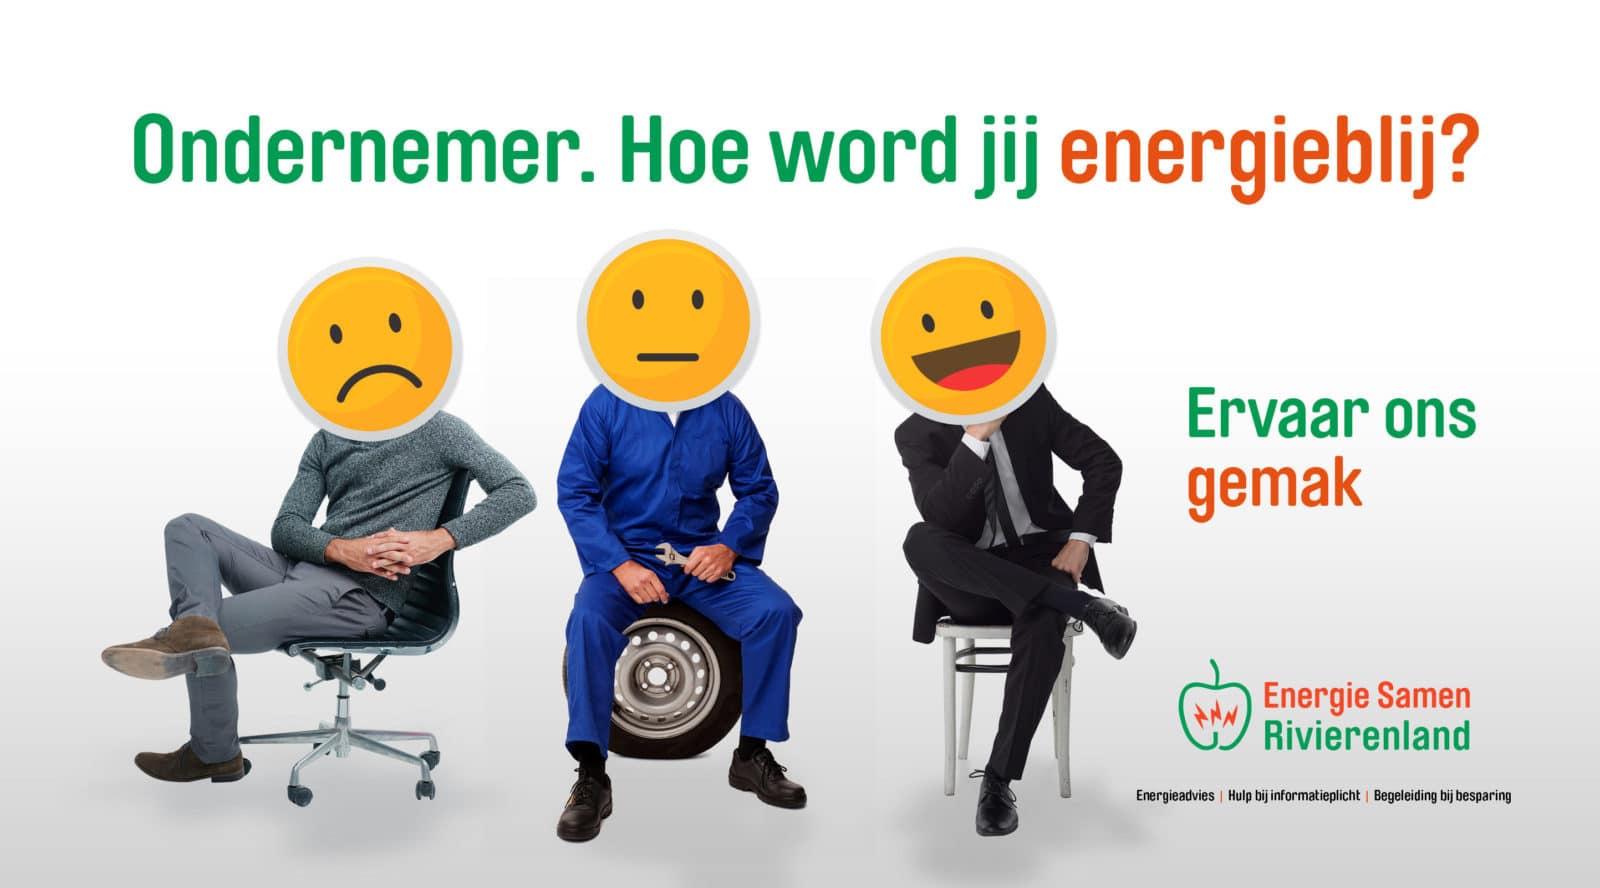 Energiesamen campagnebeeld_txt